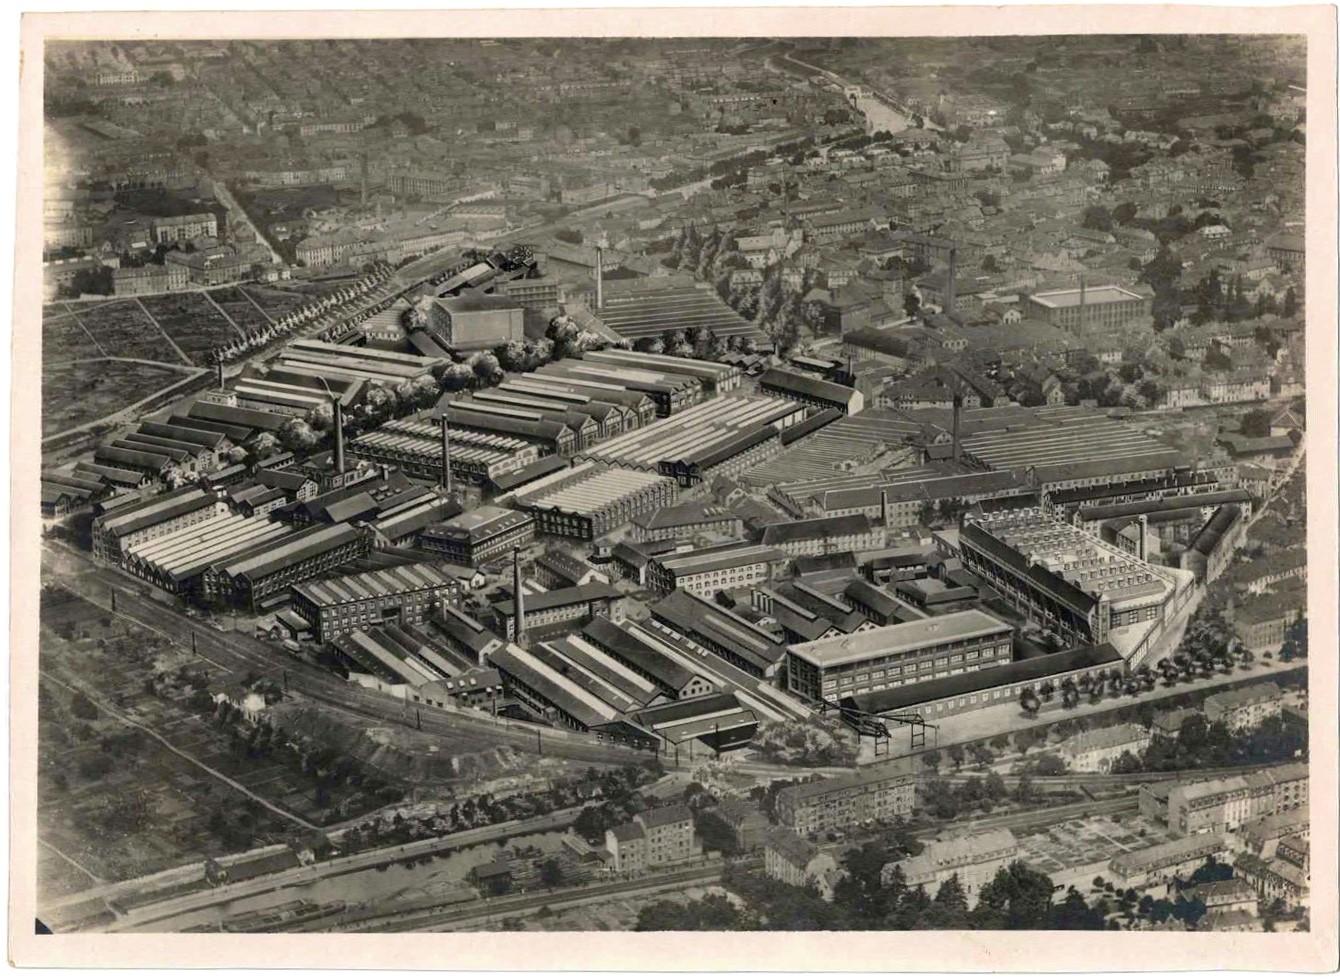 sacm 1944 mulhouse